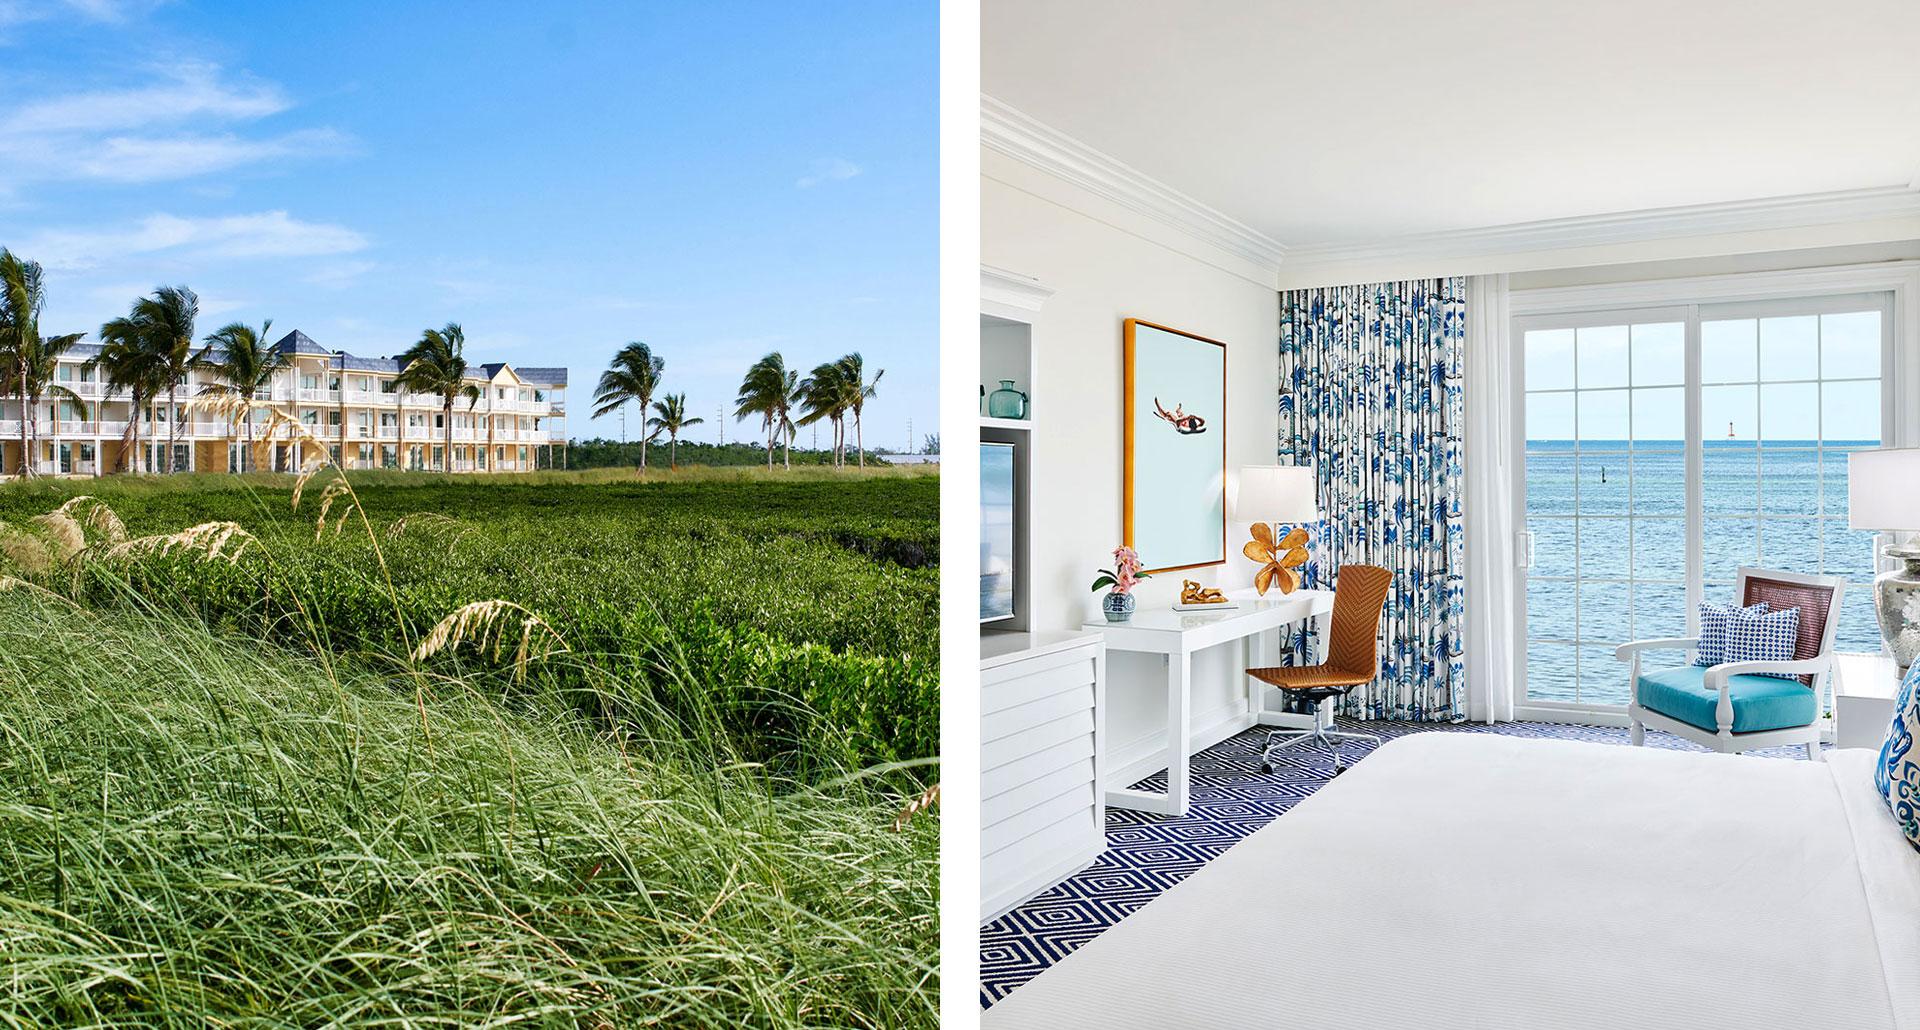 Isla Bella Beach Resort - boutique hotel in Marathon